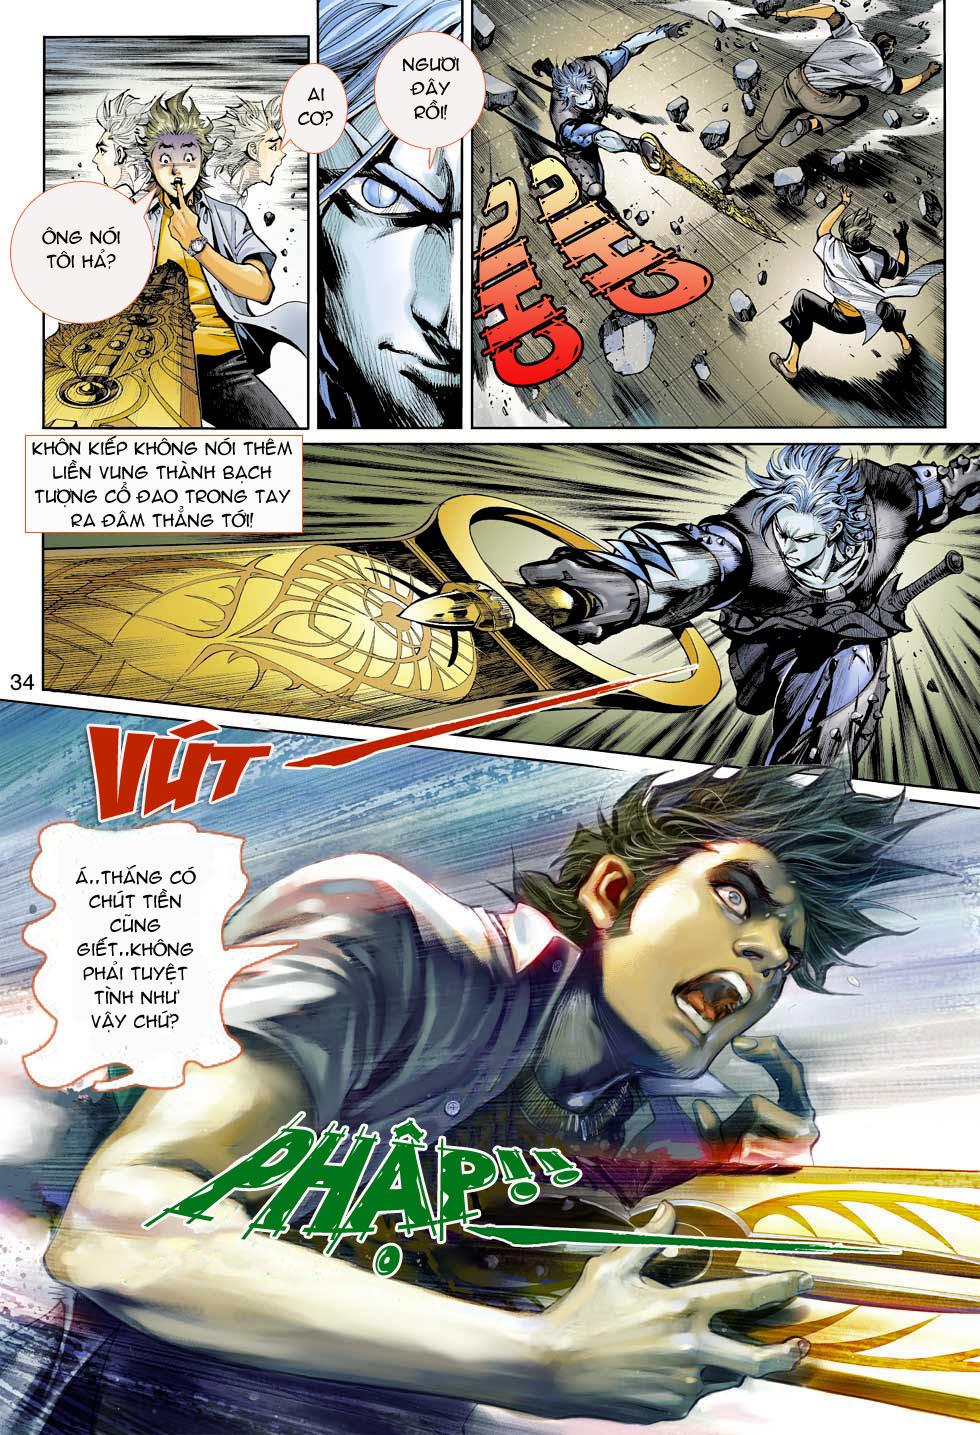 Thần Binh 4 chap 3 - Trang 34